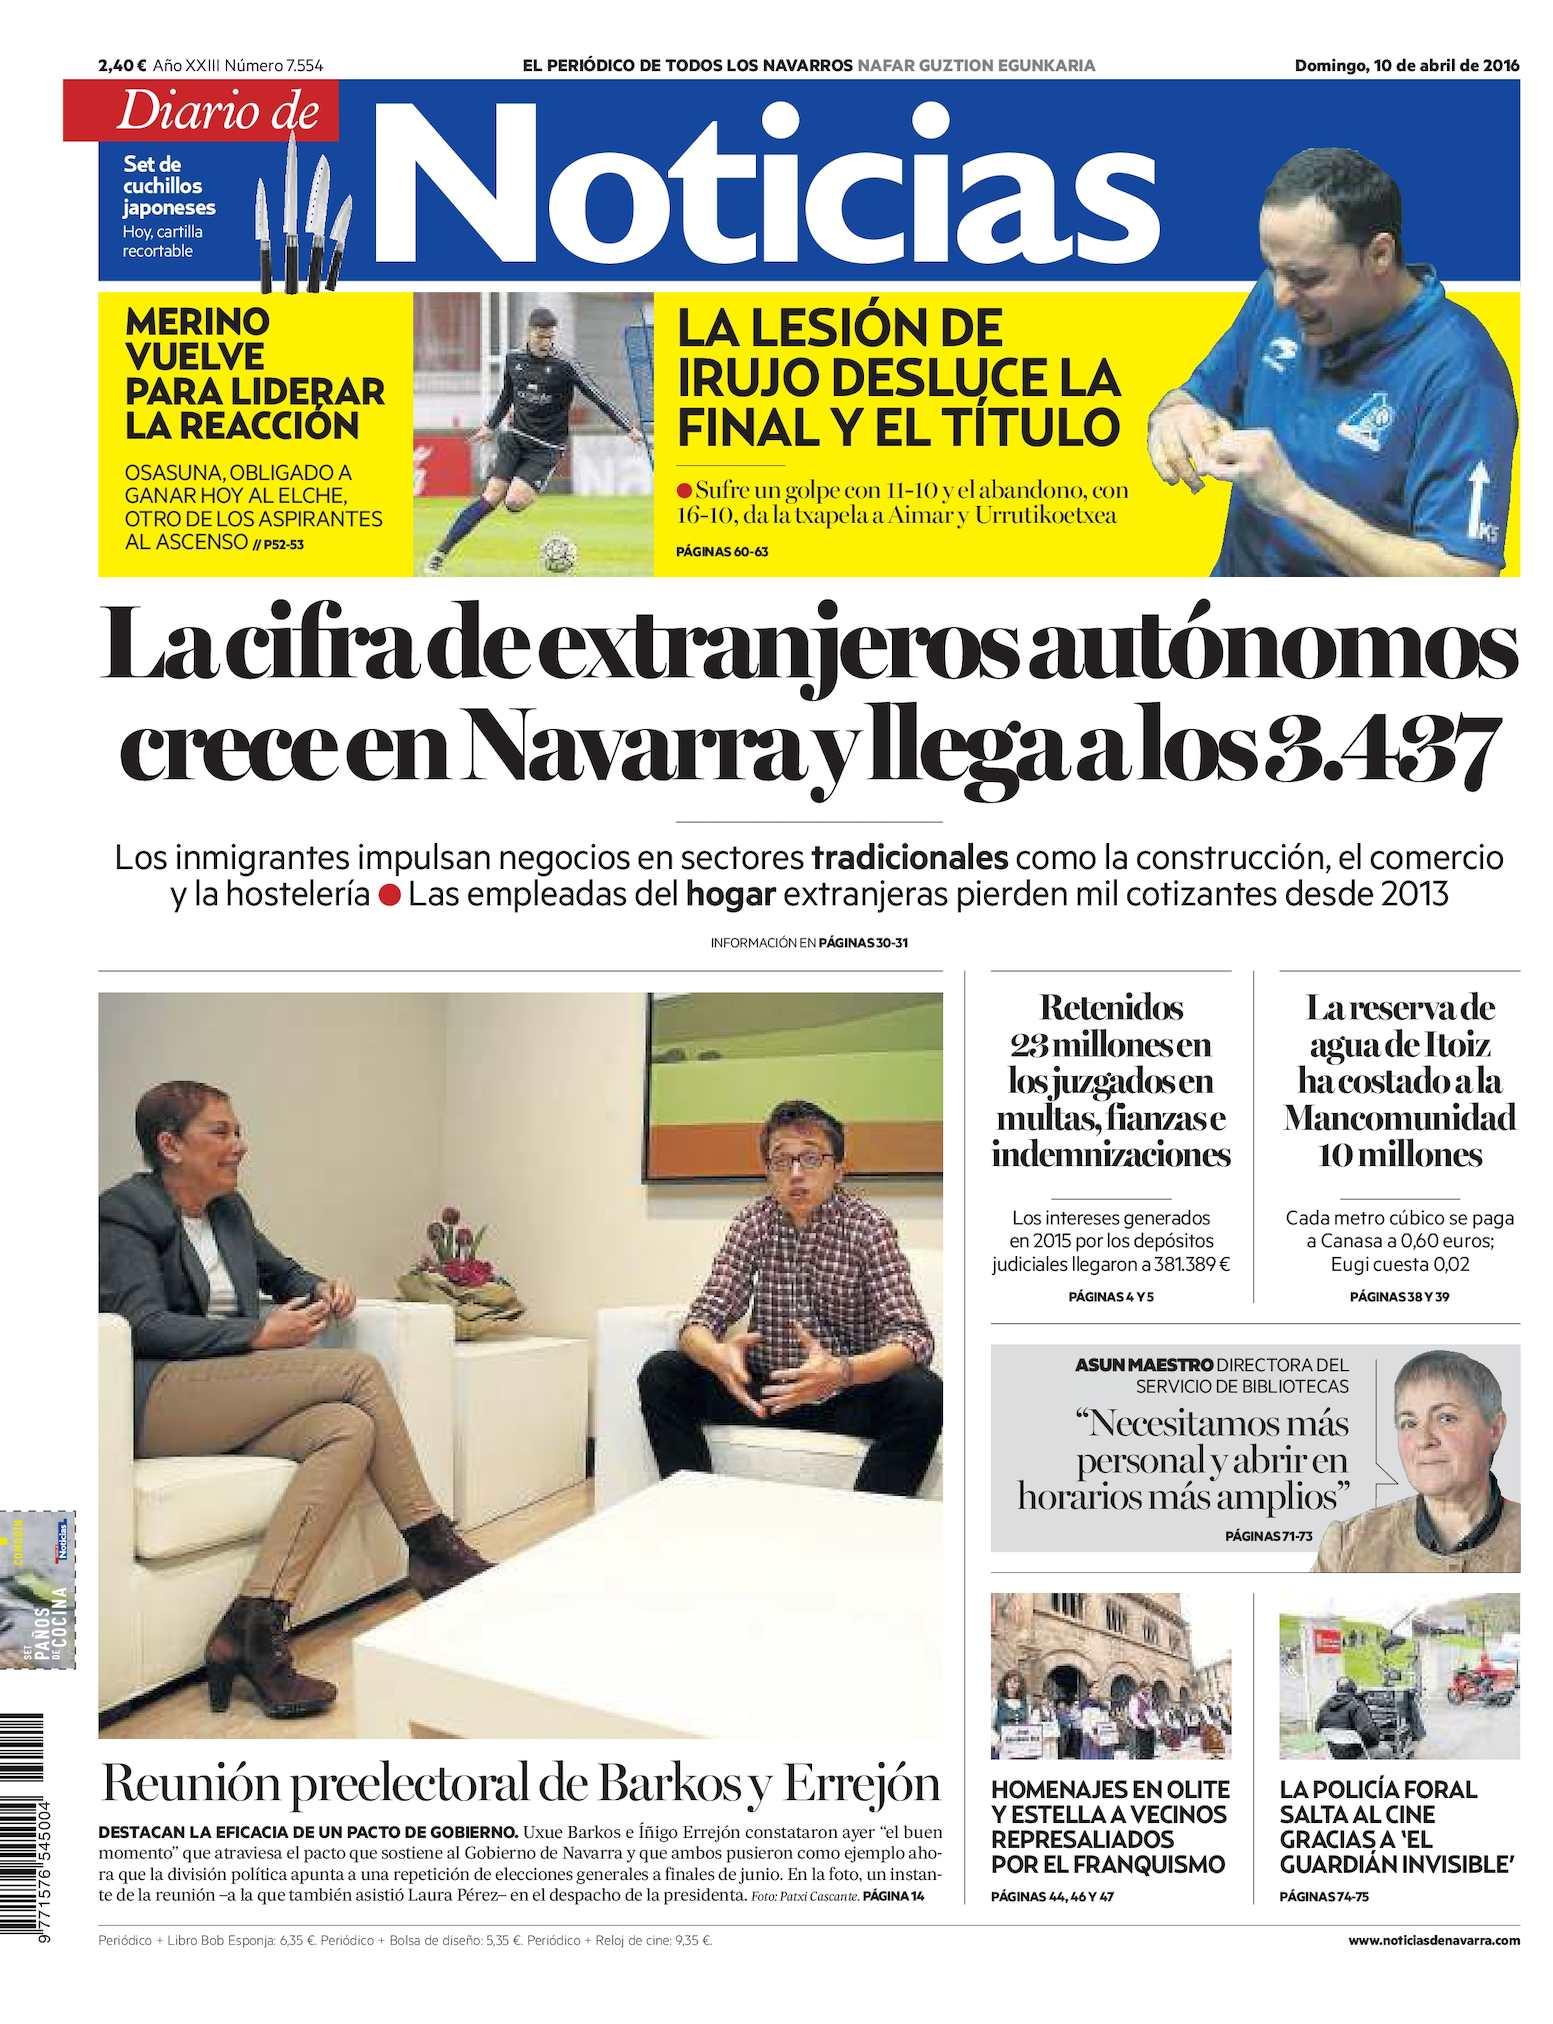 Calaméo - Diario de Noticias 20160410